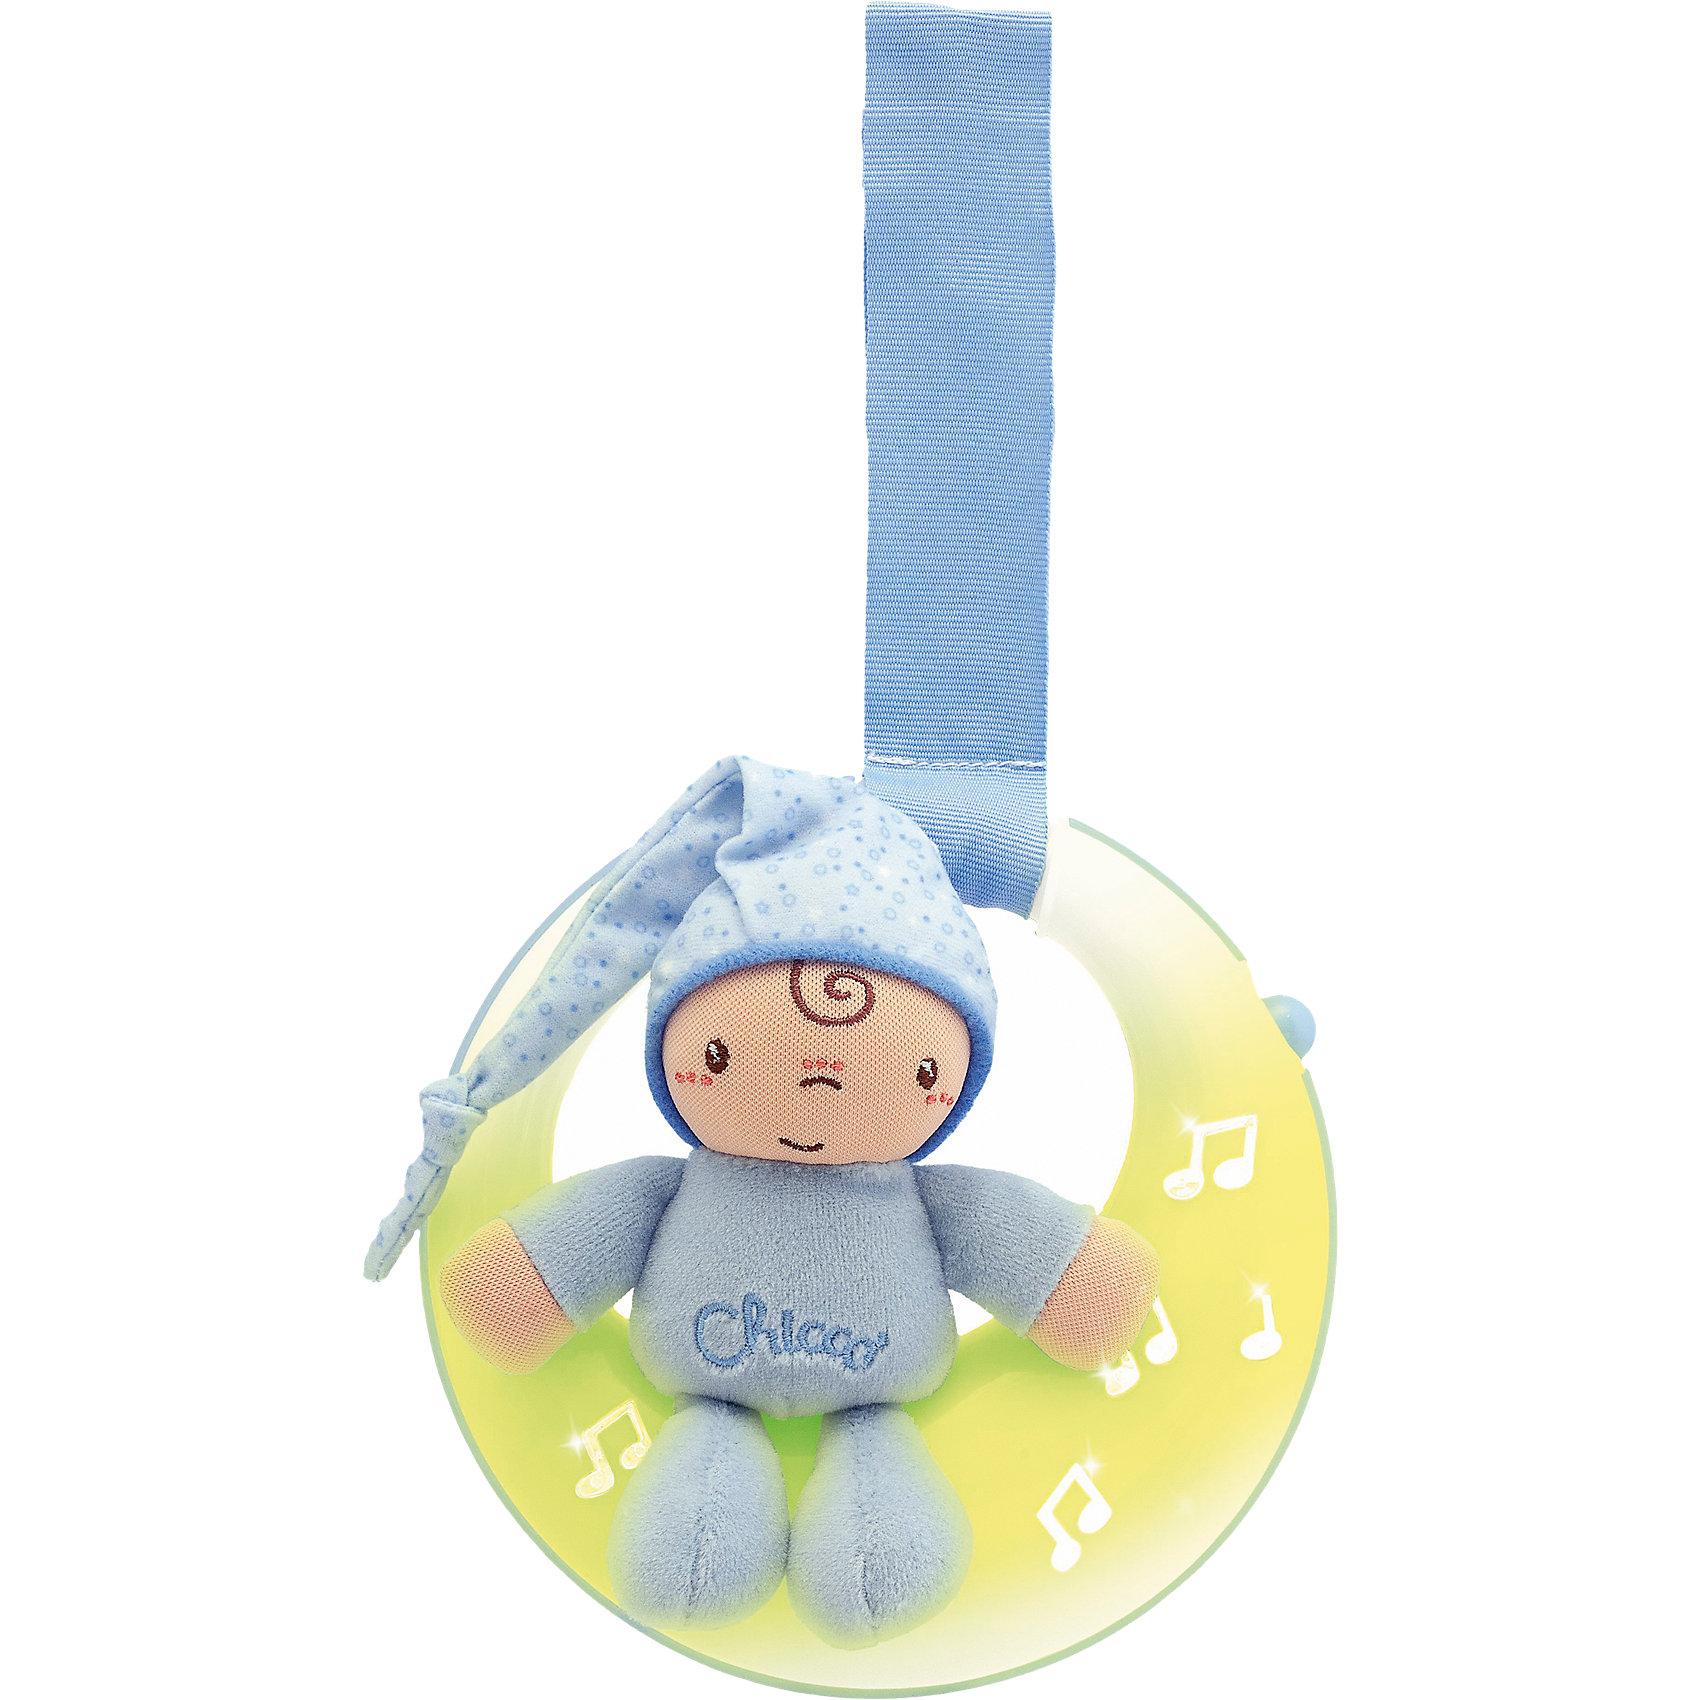 Подвеска для кроватки Спокойной ночи, луна, голубая, ChiccoПодвеска для кроватки Спокойной ночи, луна, голубая, Chicco (Чико)представляет собой мягконабивную игрушку – мальчика в голубом костюмчике, сидящего на луне! Огоньки на подвеске загораются и переливаются в такт колыбельной музыке. Мягкое свечение позволяет быстрее окунуться в мир сна Вашему малышу.<br><br>Характеристики:<br>-Звуковые и световые эффекты, длительностью пять минут<br>-Музыка: нежные колыбельные мелодии (Бах, Бетховен)<br>-Два режима: музыка и свет/только свет<br>-Легкое крепление на бортик кроватки удобным регулируемым ремешком<br>-Развивает: визуальное, звуковое и тактильное восприятие, координация зрения и движений, хватательный рефлекс, логика<br><br>Дополнительная информация:<br>-Цвет: голубой<br>-Материалы: пластик, полиэстер, текстиль<br>-Питание – 2 батарейки типа ААА (в комплект НЕ входят)<br>-Размеры игрушки: 15х14х5 см<br>-Длина ленточки: 15 см<br><br>Подвеска для кроватки «Спокойной ночи, луна» удобна и в качестве развивающей музыкальной игрушки, и в качестве ночника с нежным светом. <br><br>Подвеска для кроватки Спокойной ночи, луна, голубая, Chicco (Чико) можно купить в нашем магазине.<br><br>Ширина мм: 209<br>Глубина мм: 195<br>Высота мм: 75<br>Вес г: 347<br>Возраст от месяцев: 0<br>Возраст до месяцев: 18<br>Пол: Мужской<br>Возраст: Детский<br>SKU: 4123479